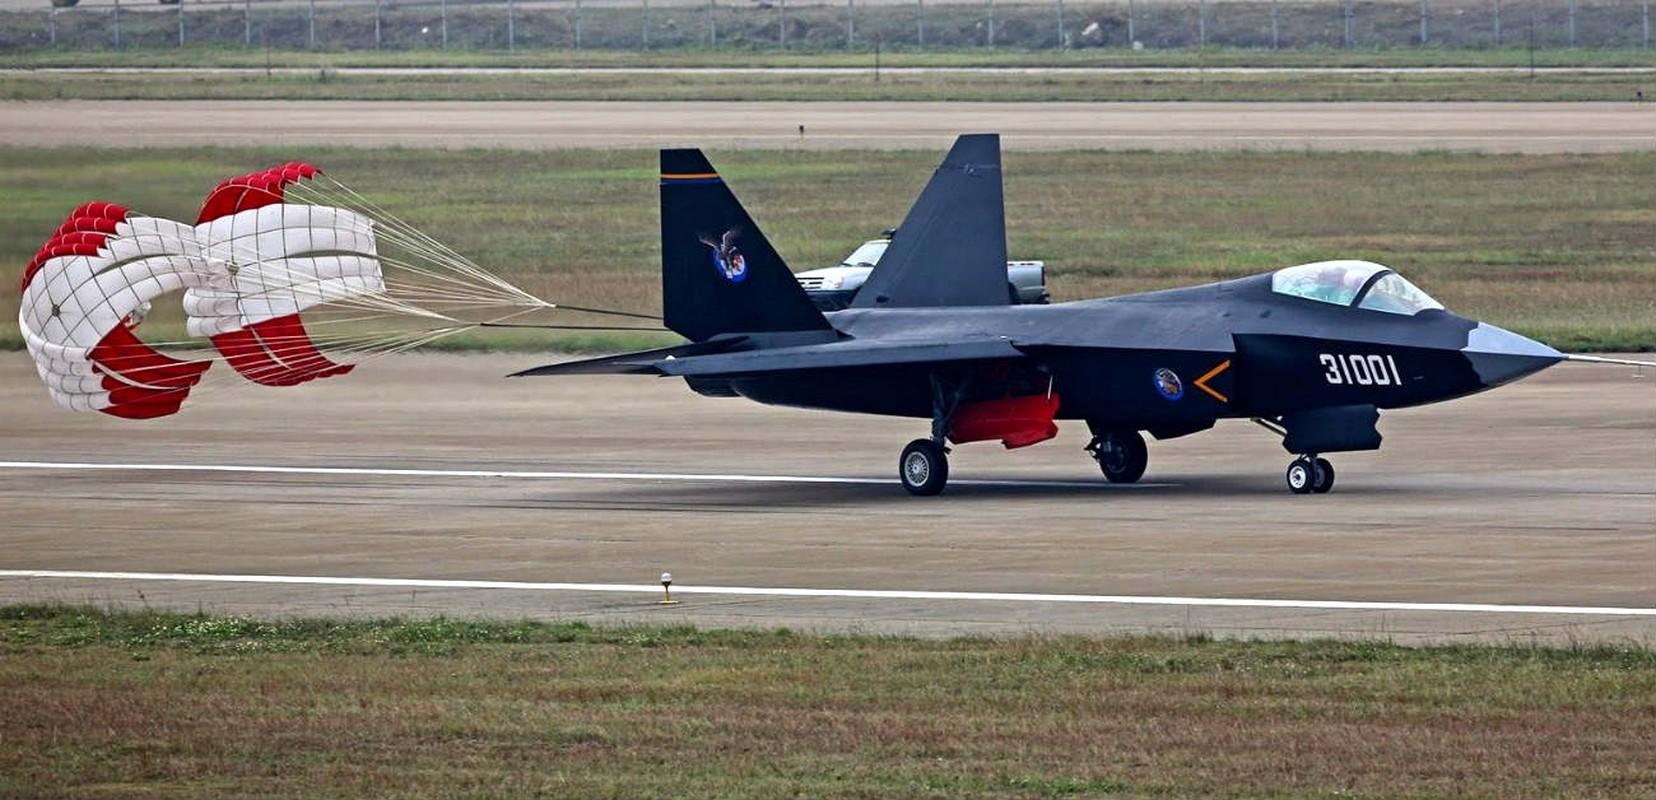 Vi sao My to chien dau co FC-31 Trung Quoc la ban nhai F-35?-Hinh-4